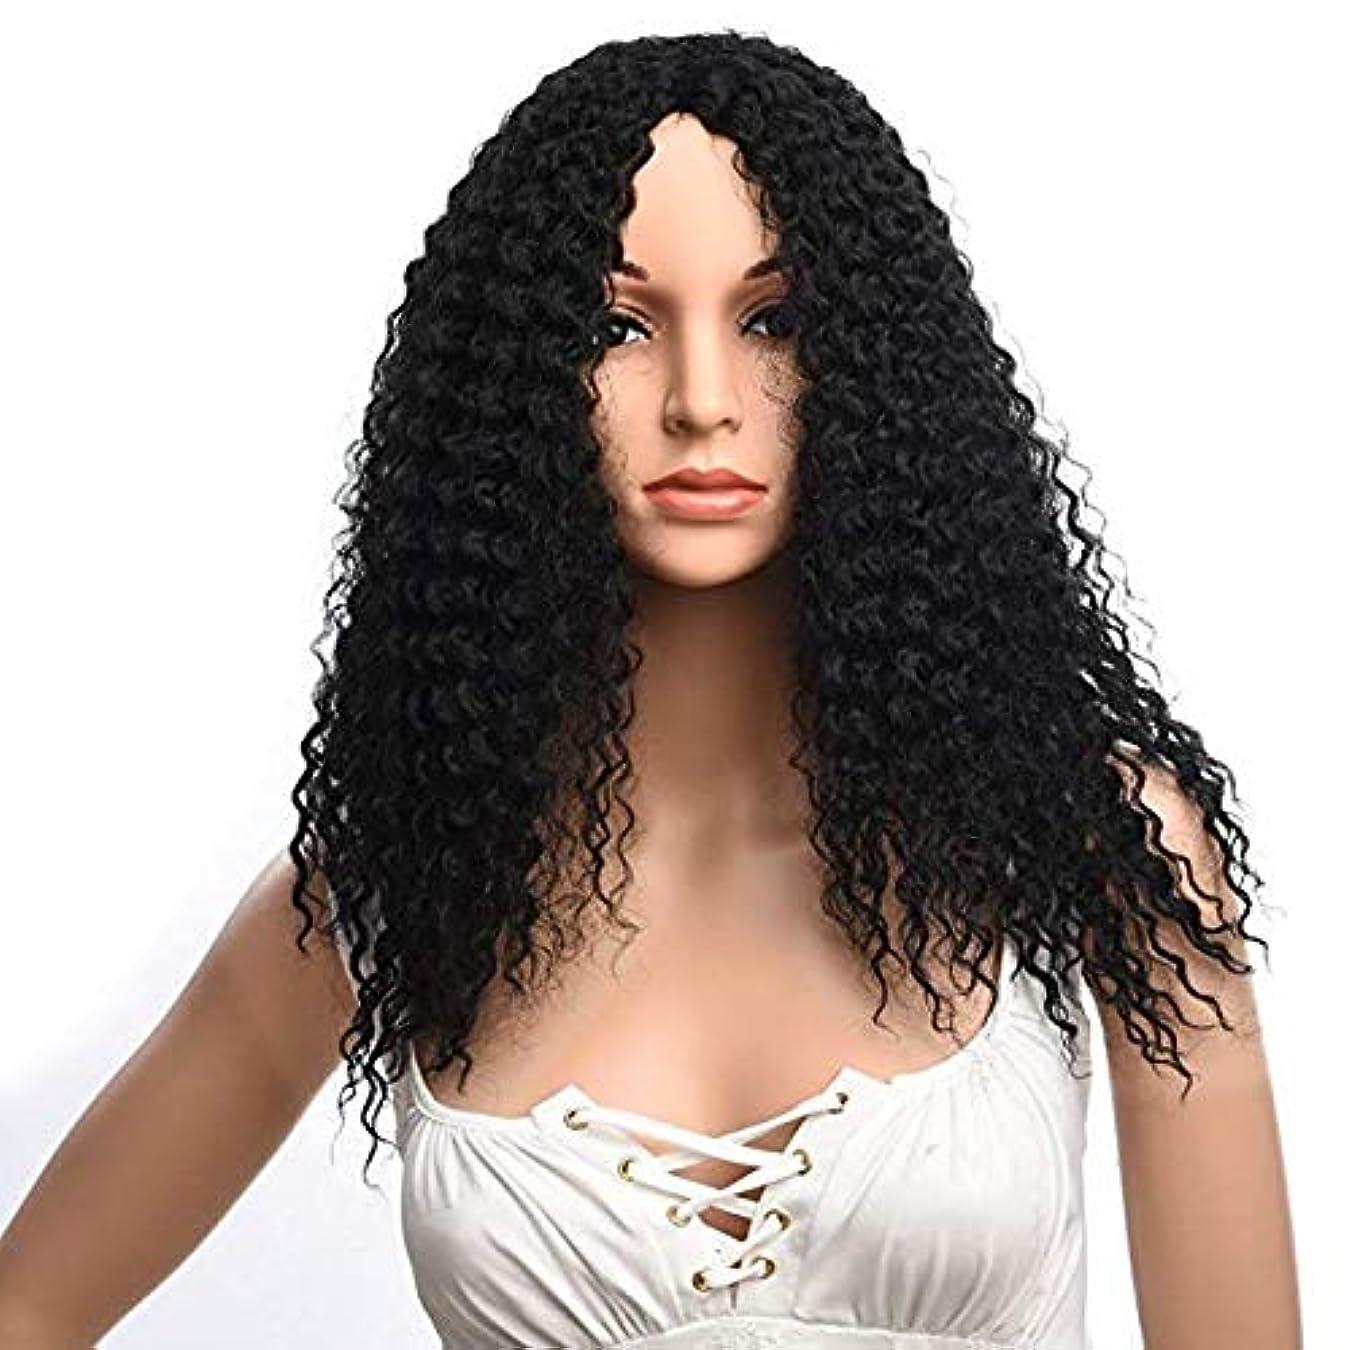 マッサージ思慮深い思い出す女性の肩短い髪ふわふわ高温シルクファッションかつら